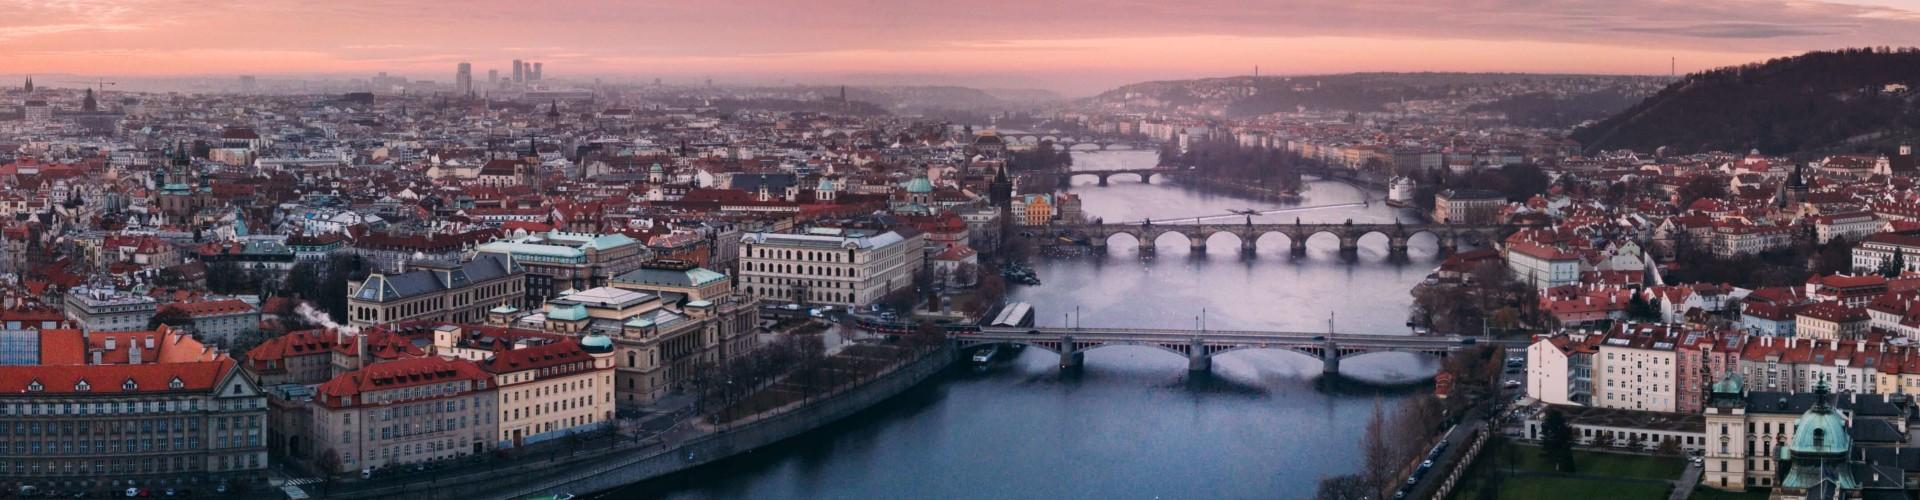 Alles wat je moet weten over Tsjechië